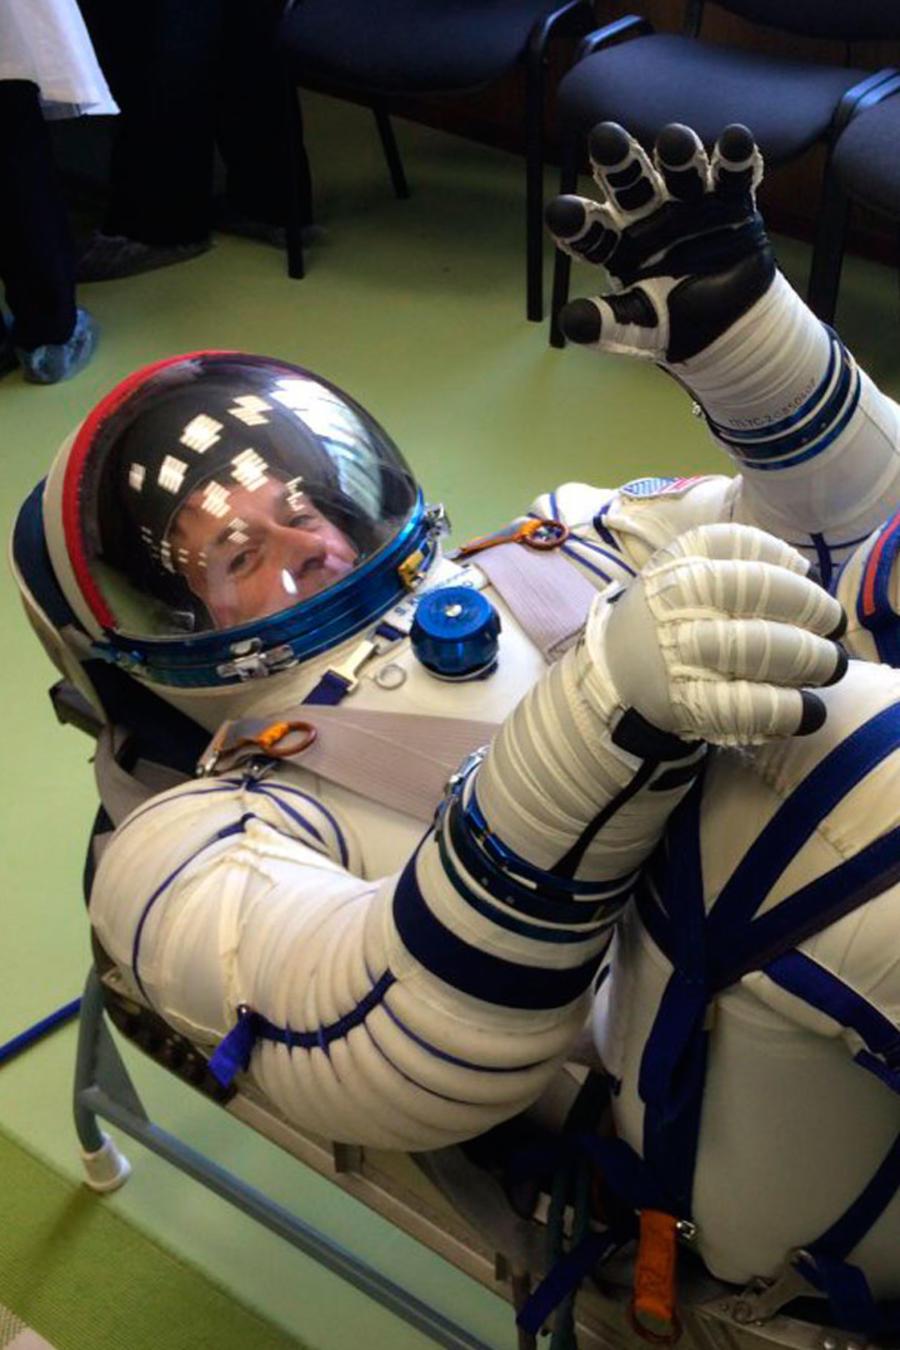 Shane Kimbrough y la Estación Espacial Internacional